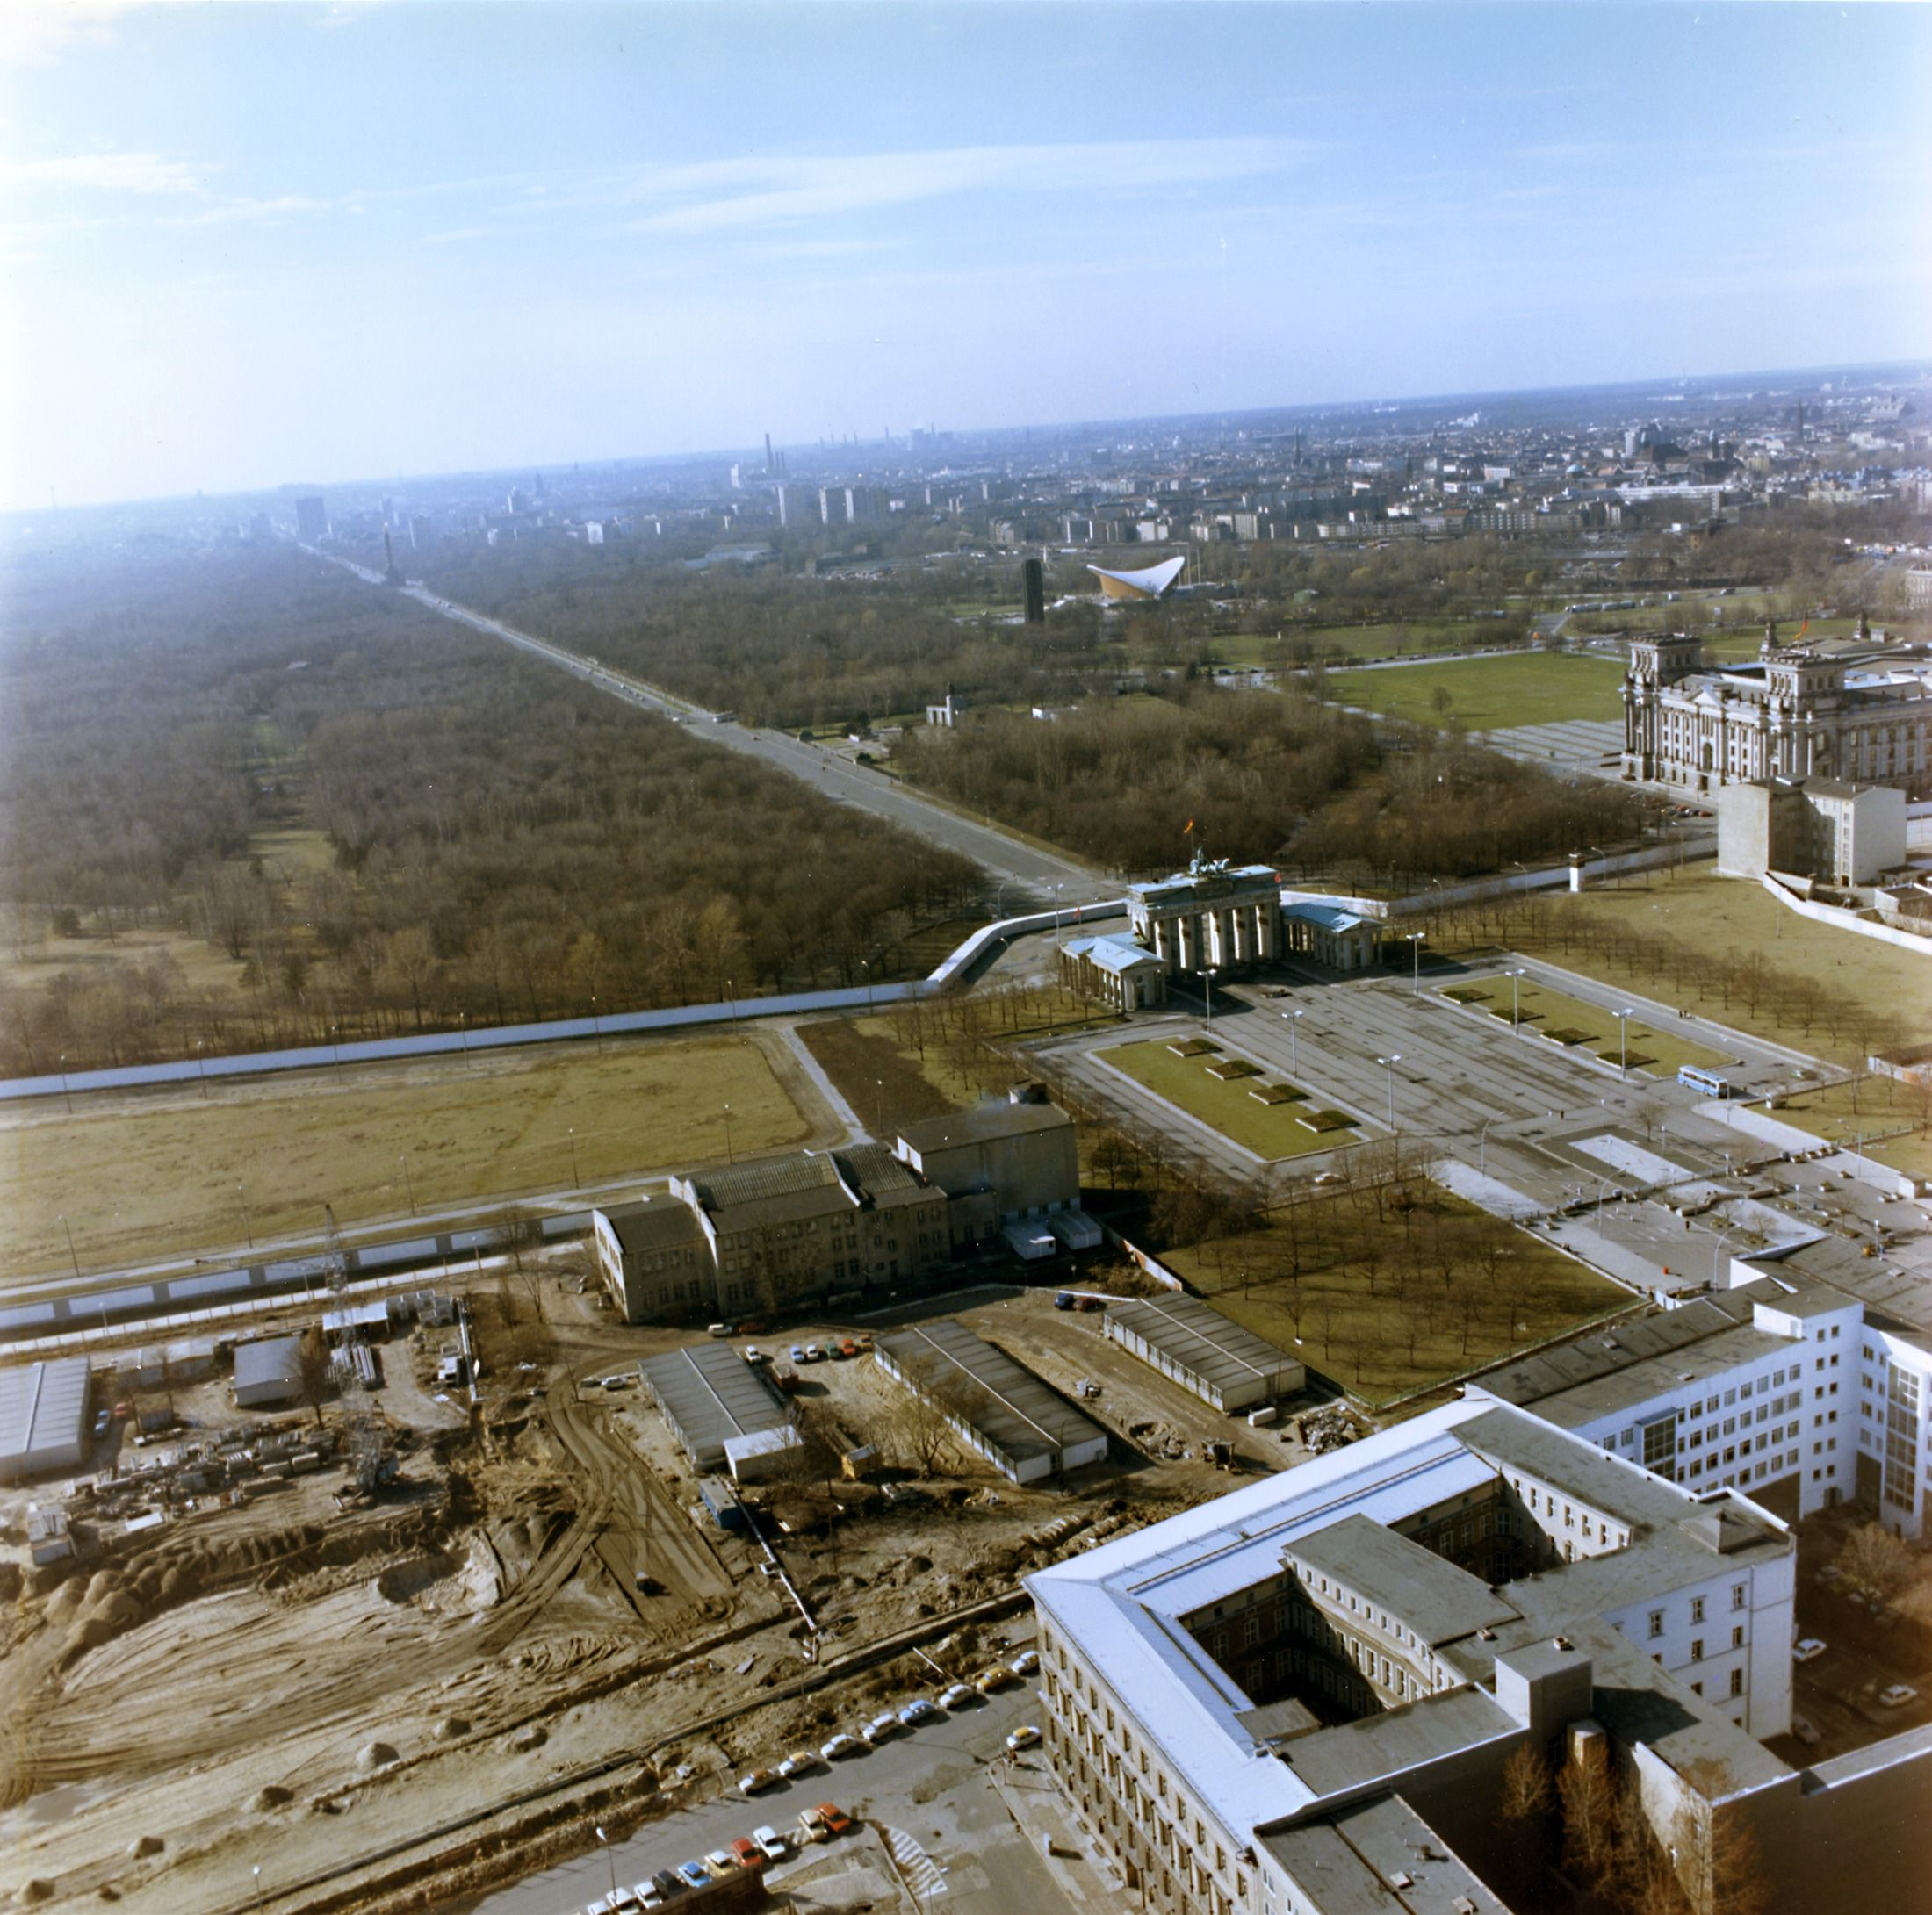 Luftbildaufnahmen Der Berliner Mauer Am Brandenburger Tor Und Am Reichstag Berliner Mauer Berlin Berlin Stadt